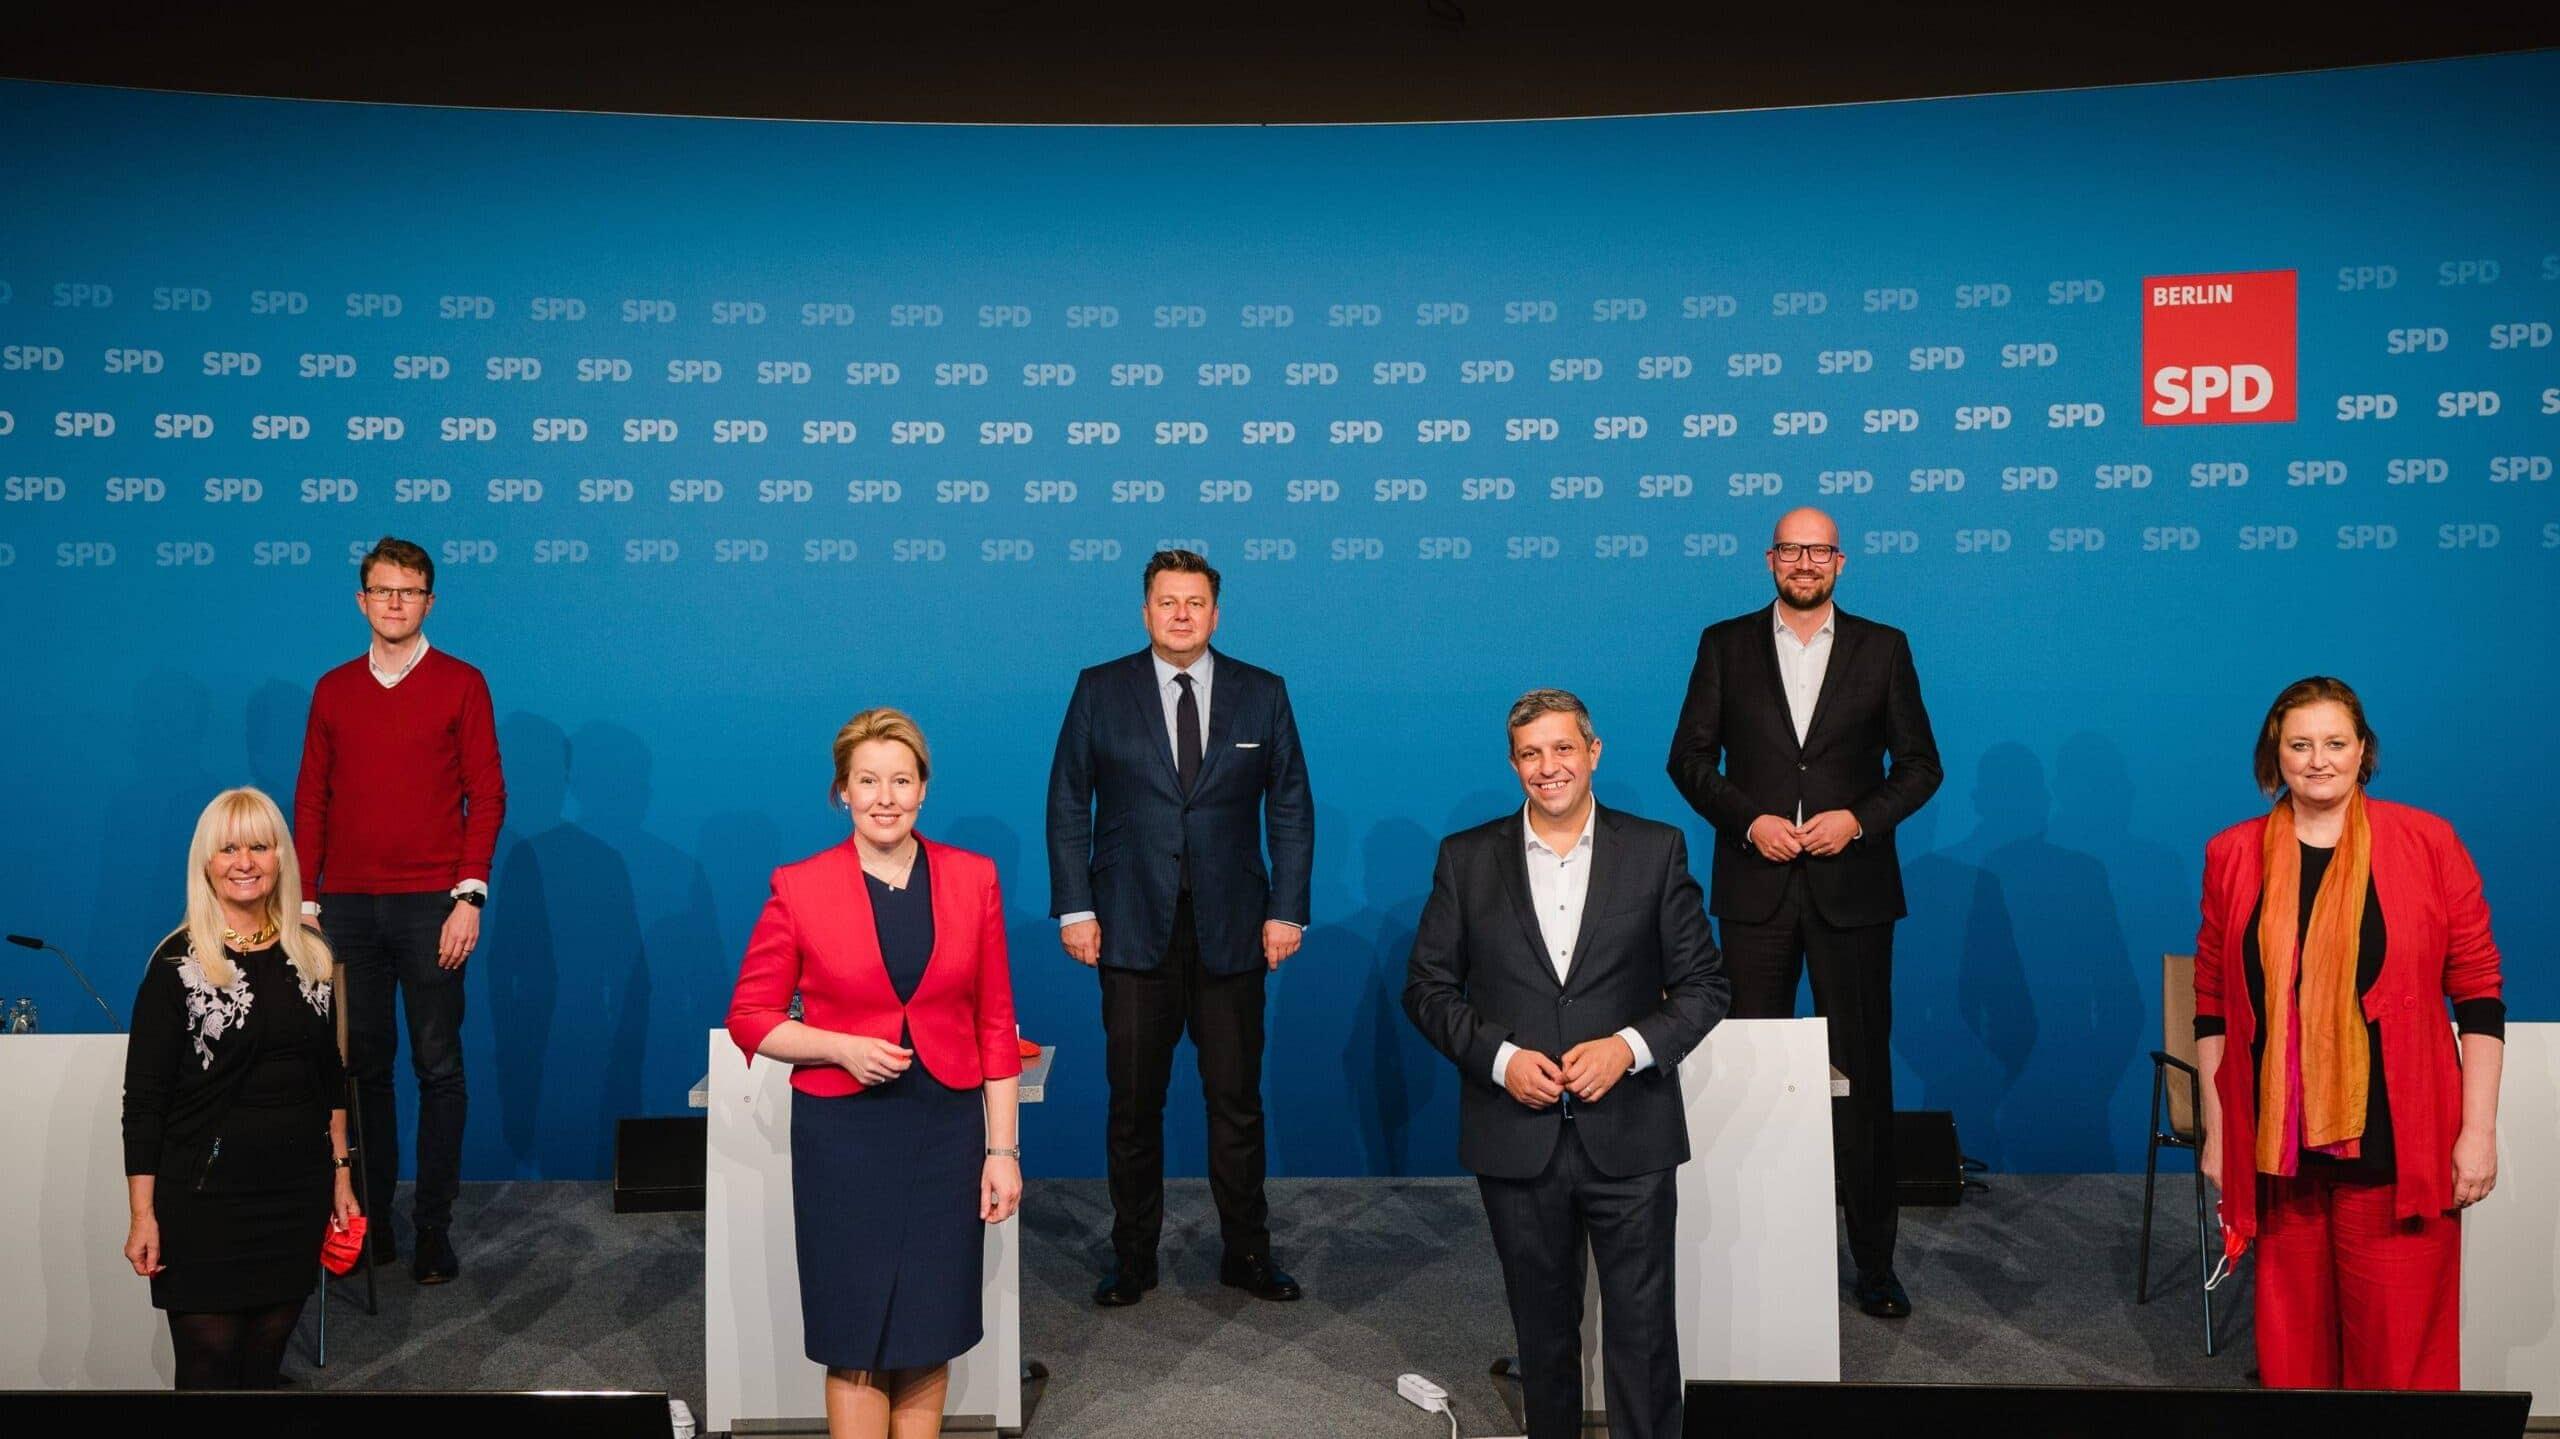 Der neu gewählte geschäftsführende Landesvorstand der SPD Berlin.